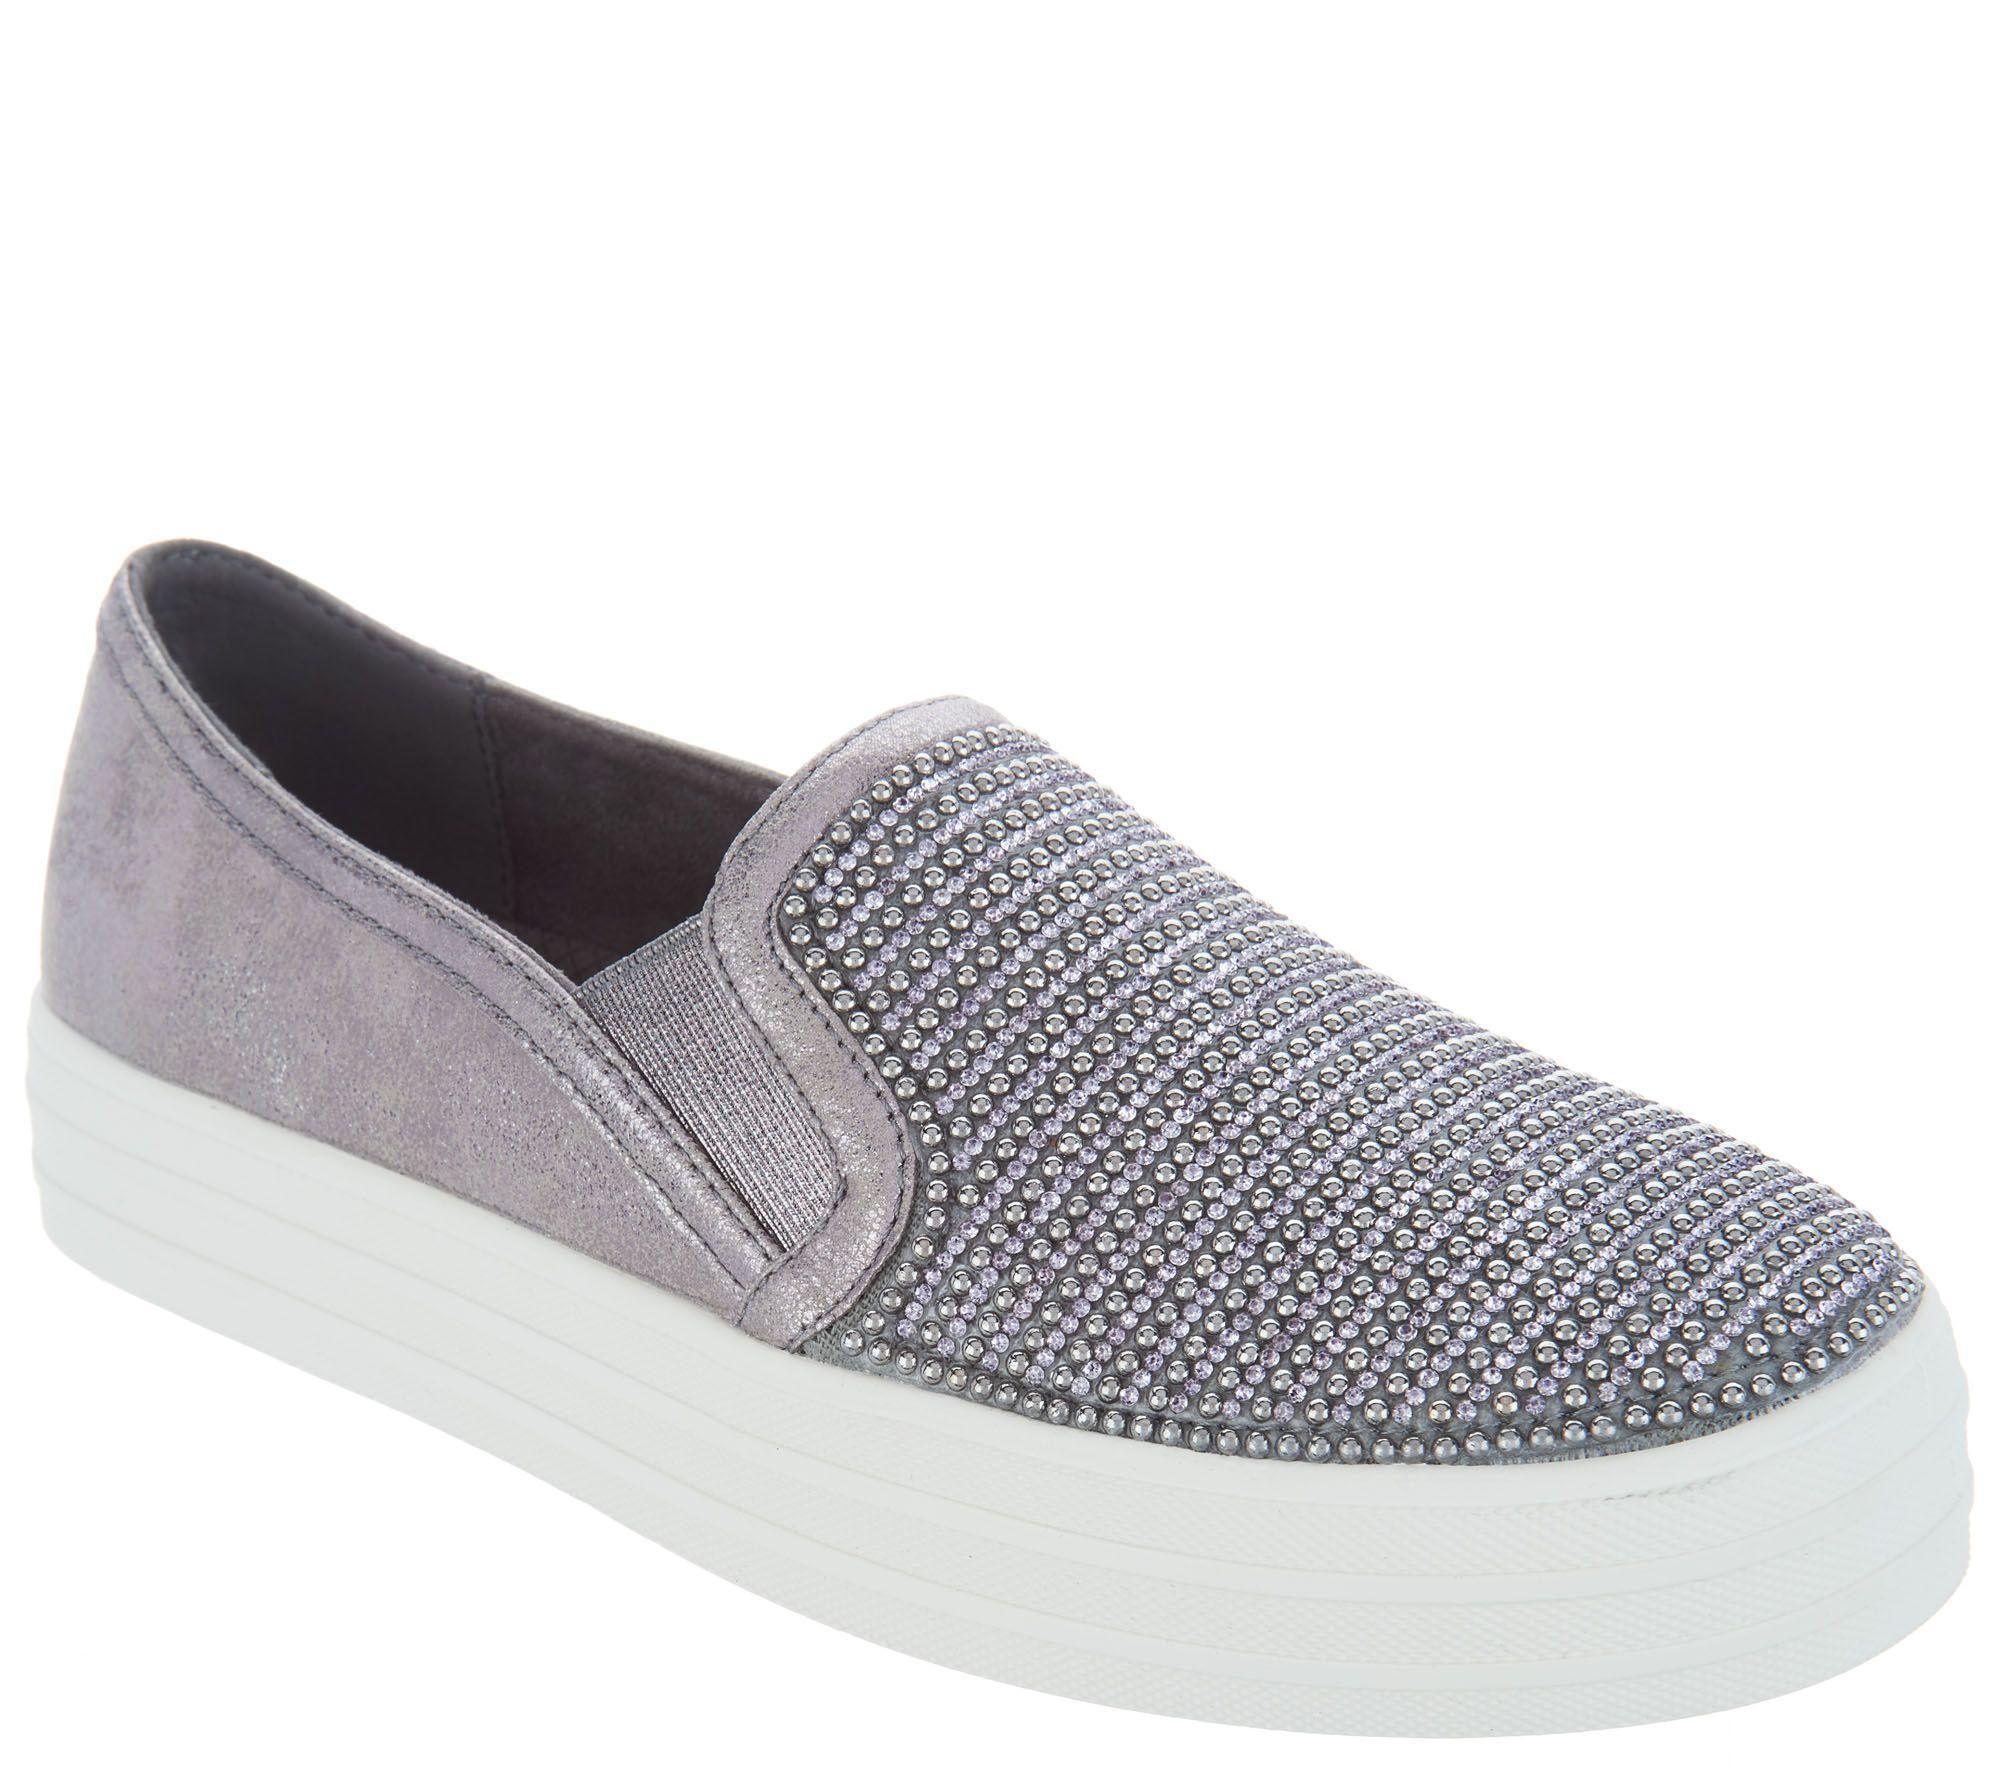 skechers no lace shoes